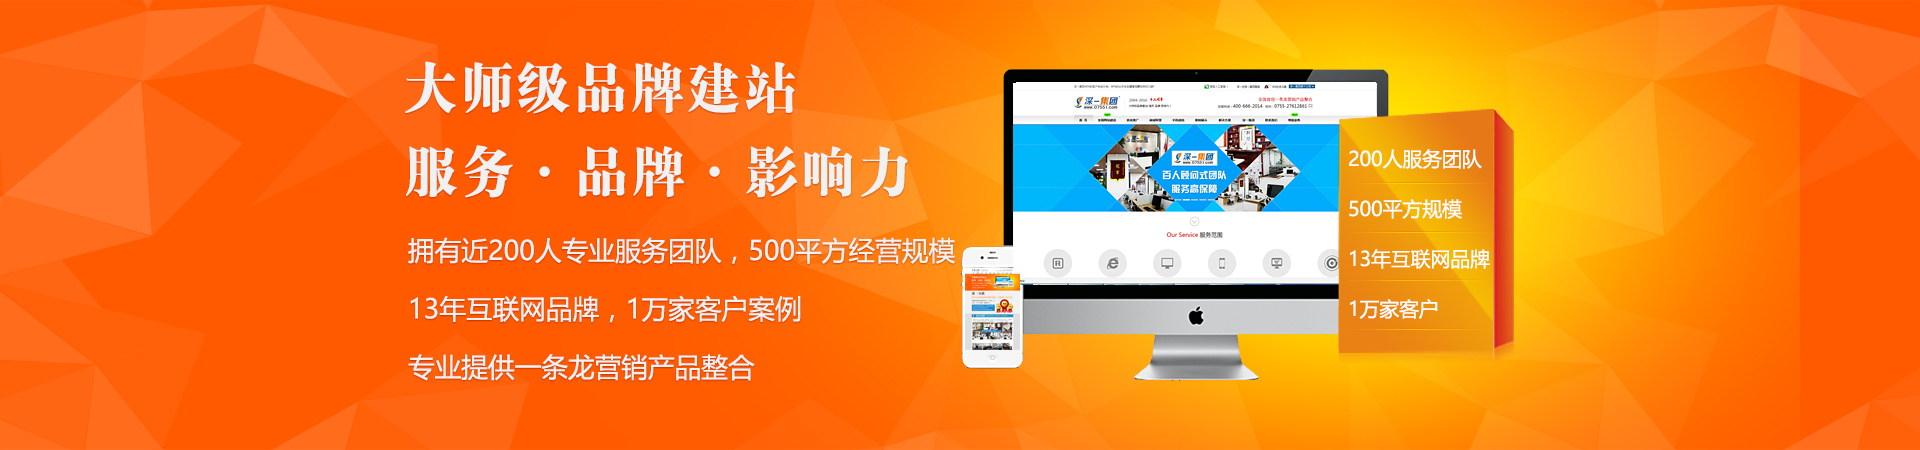 金昌网站优化